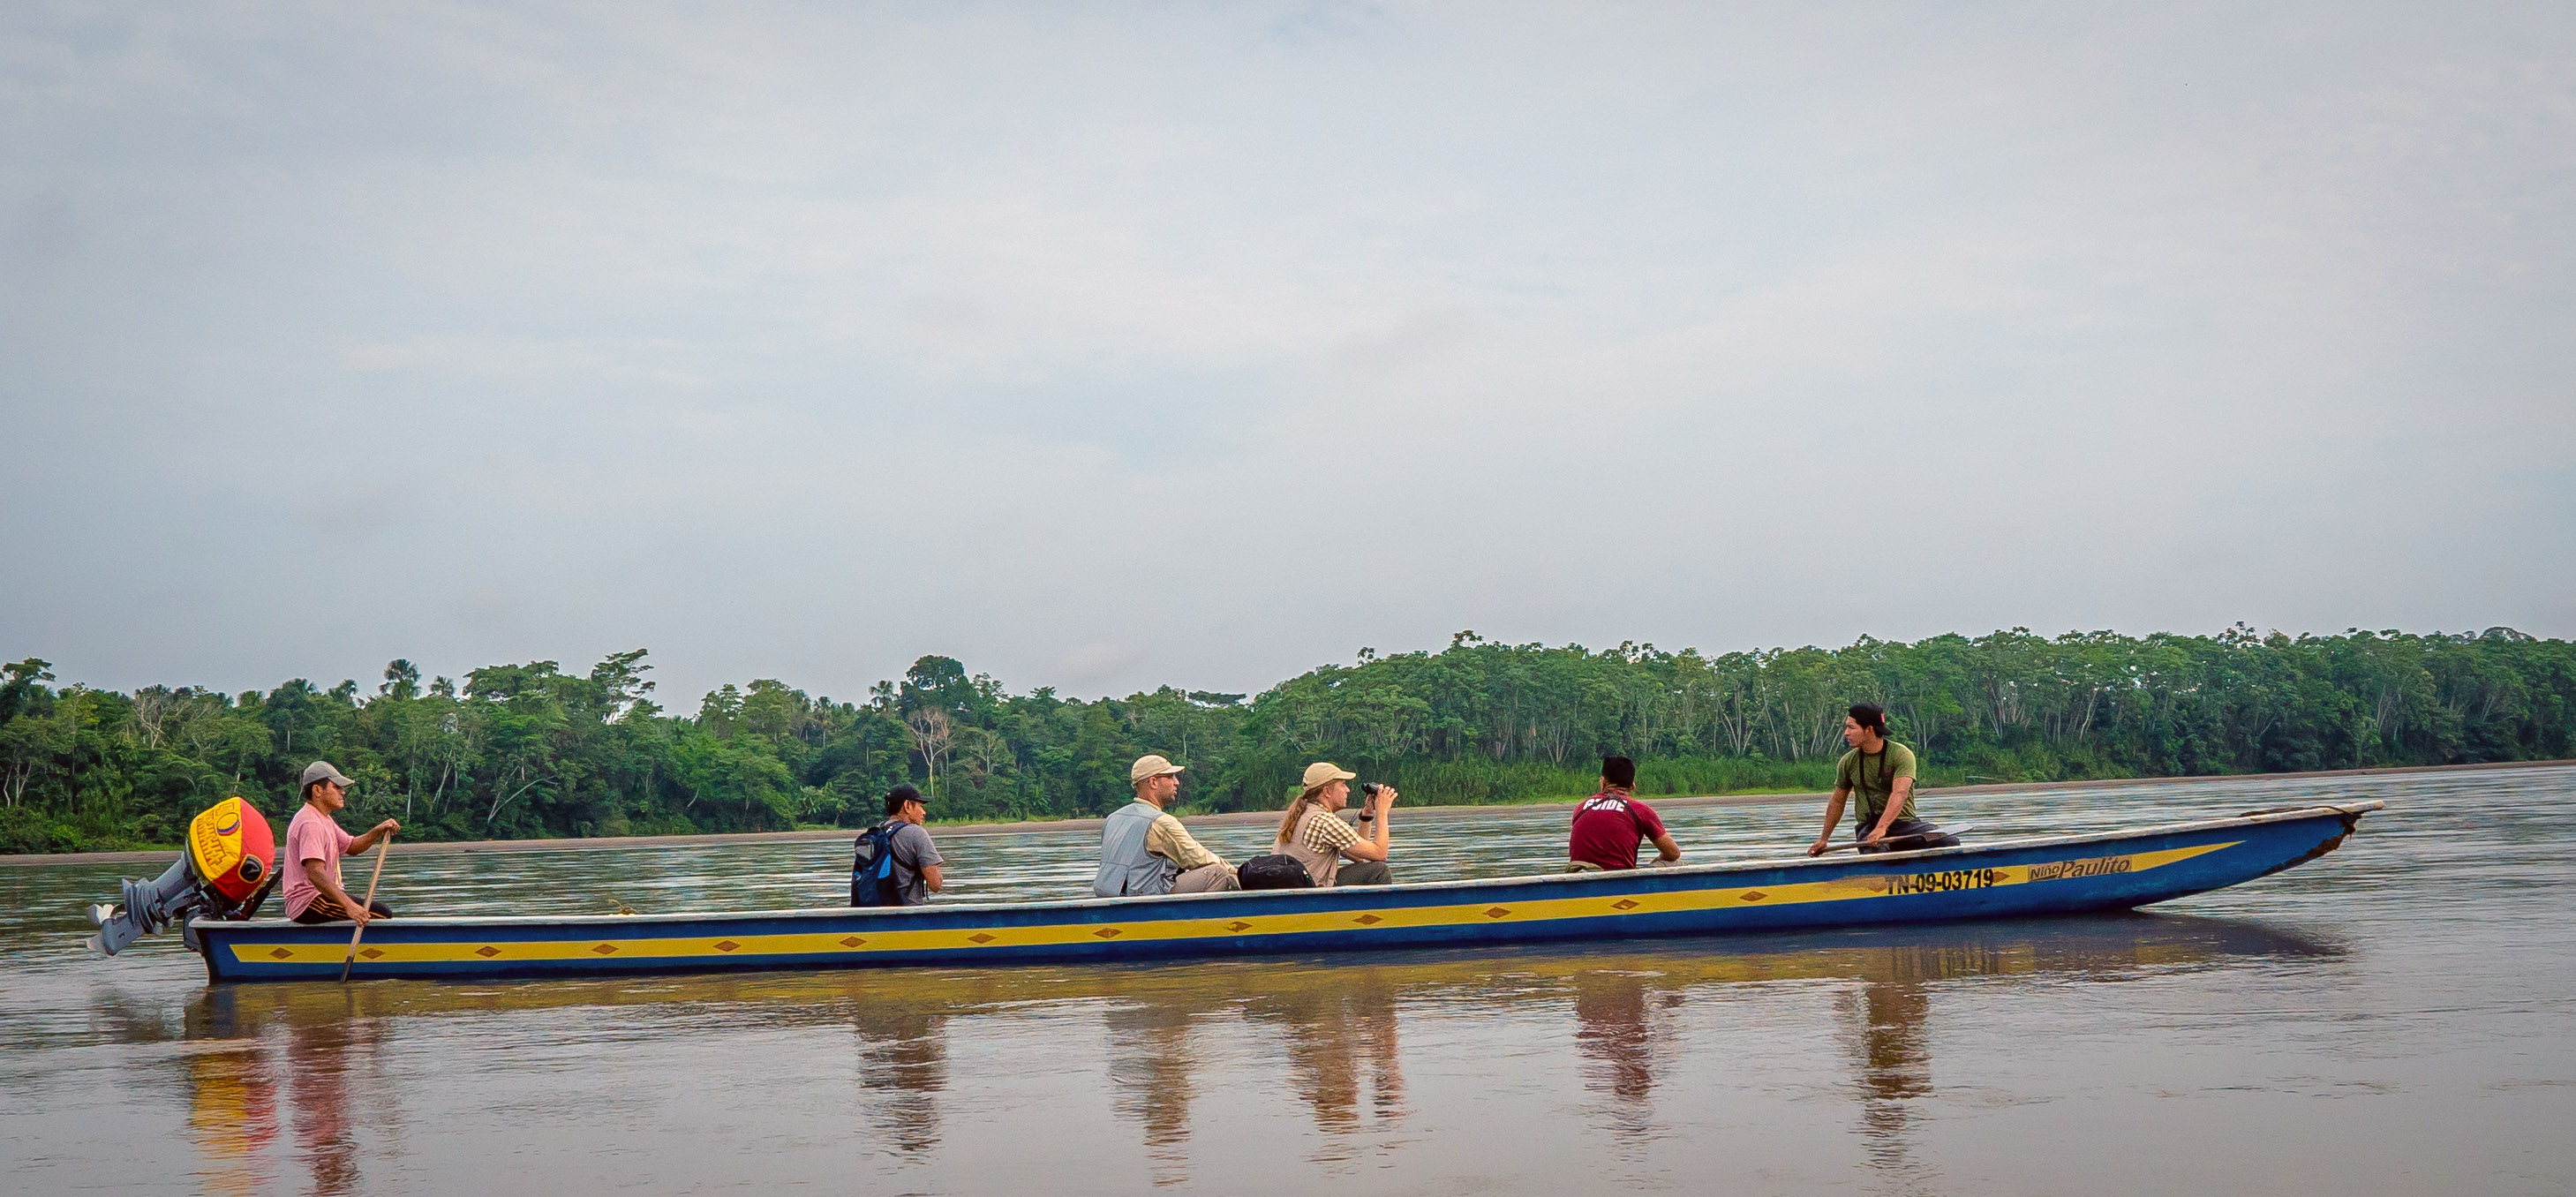 Birding From the Canoe